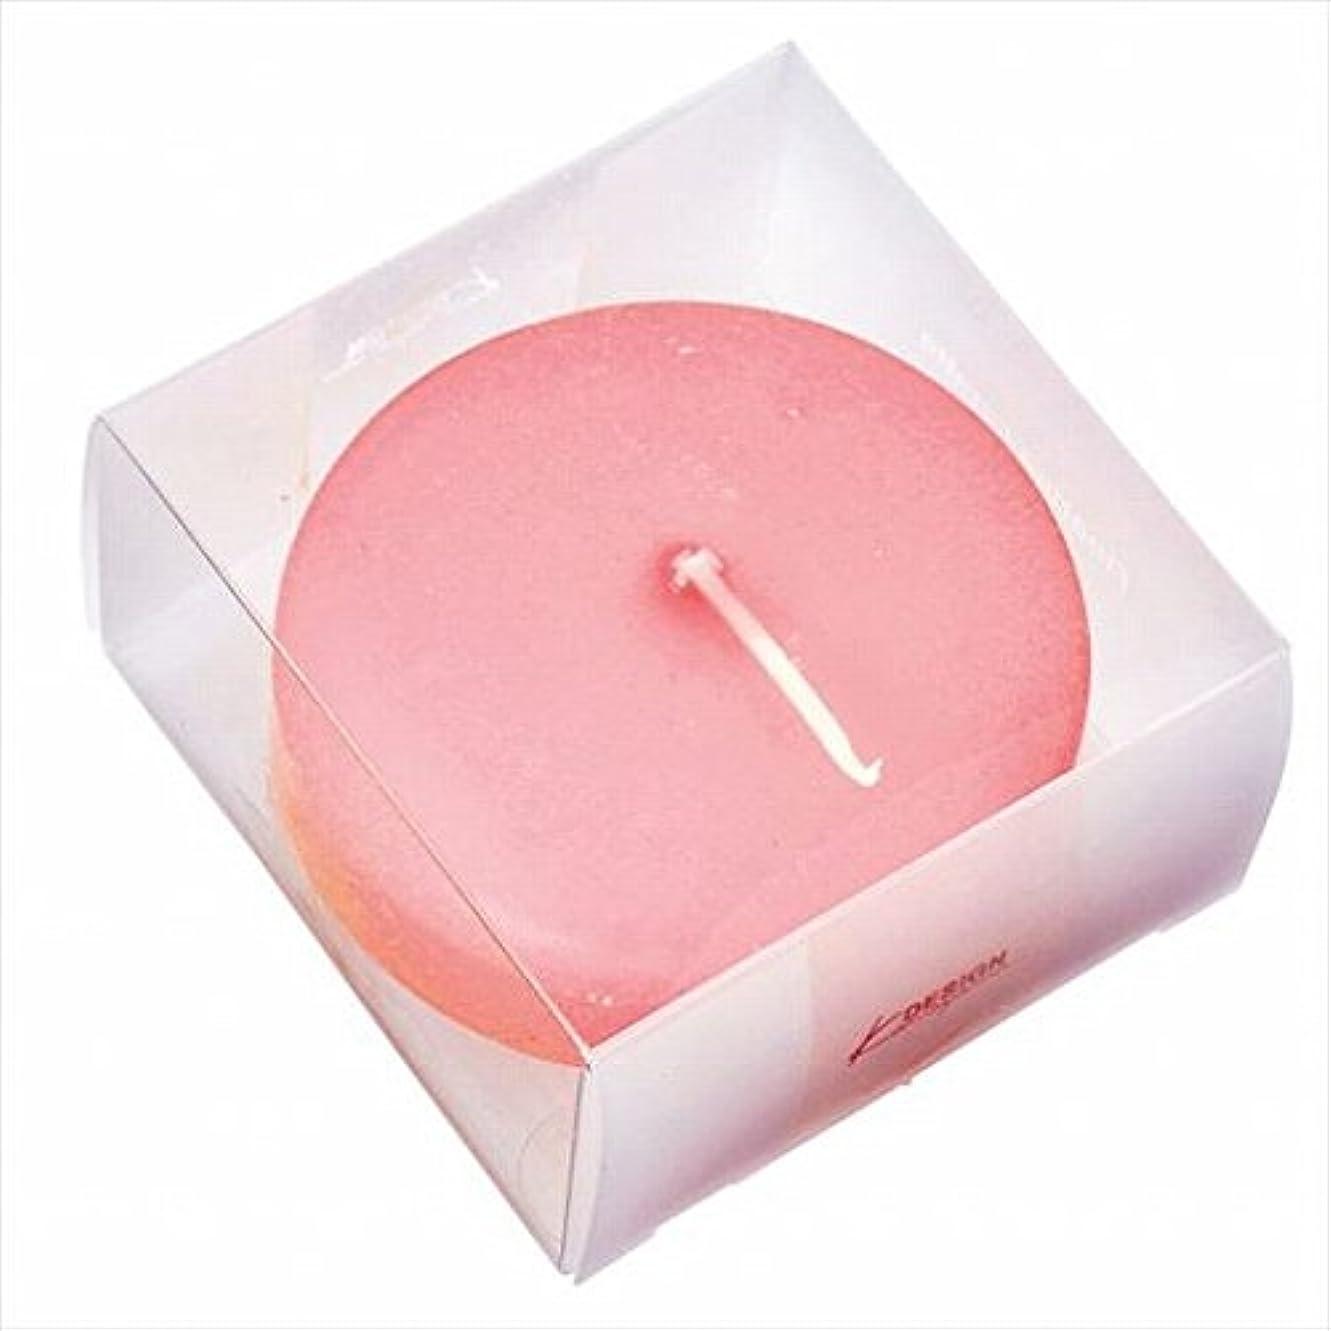 けん引折る反射カメヤマキャンドル(kameyama candle) プール80(箱入り) 「 ピーチアンバ 」